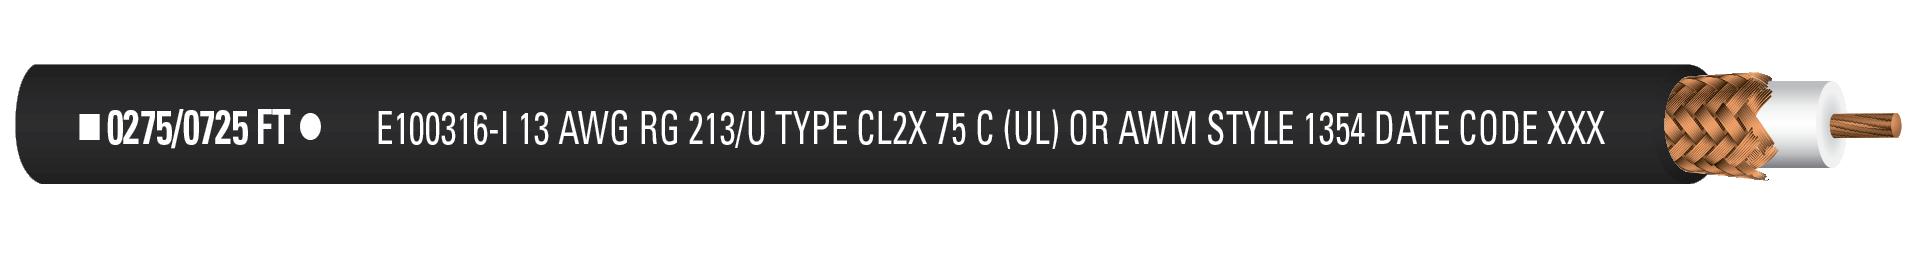 RG8U 95%TCB 12STR CMR Blk Jkt